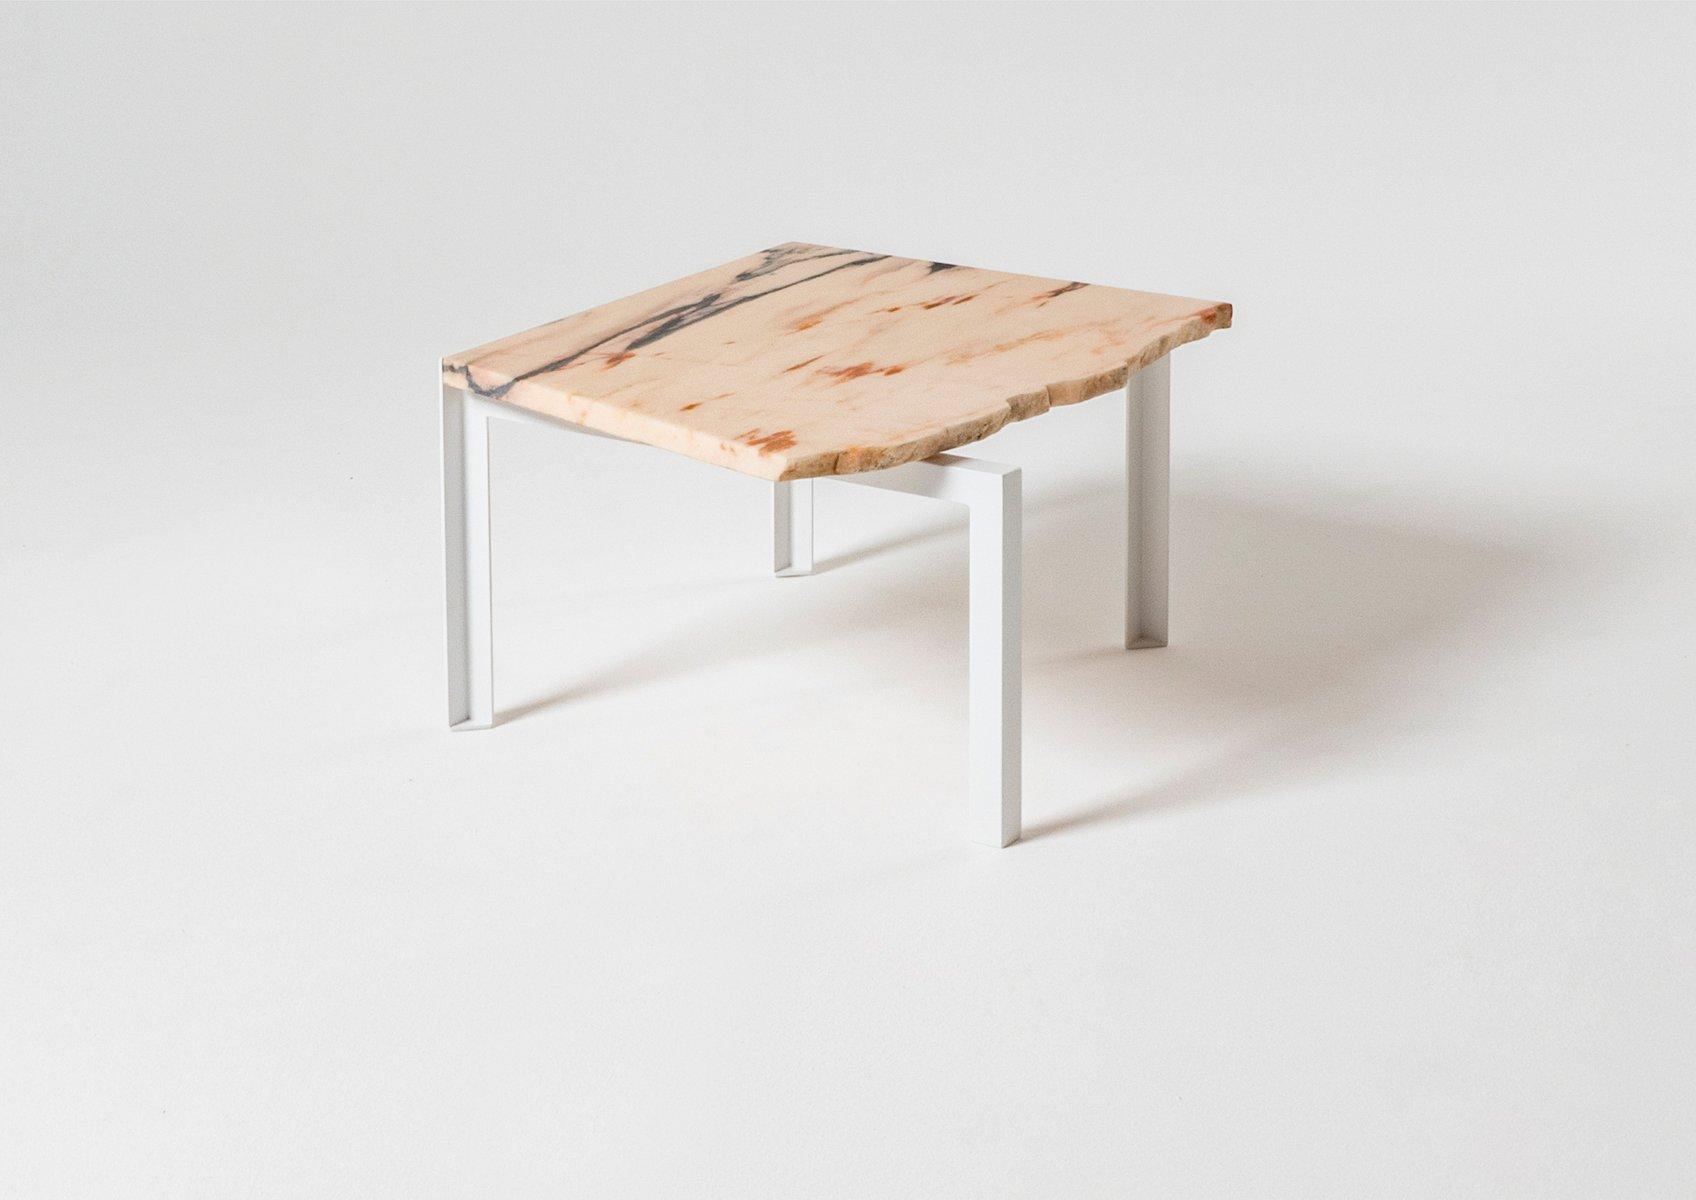 table d appoint petit d 39 angle par herv humbert pour atelier haussmann en vente sur pamono. Black Bedroom Furniture Sets. Home Design Ideas